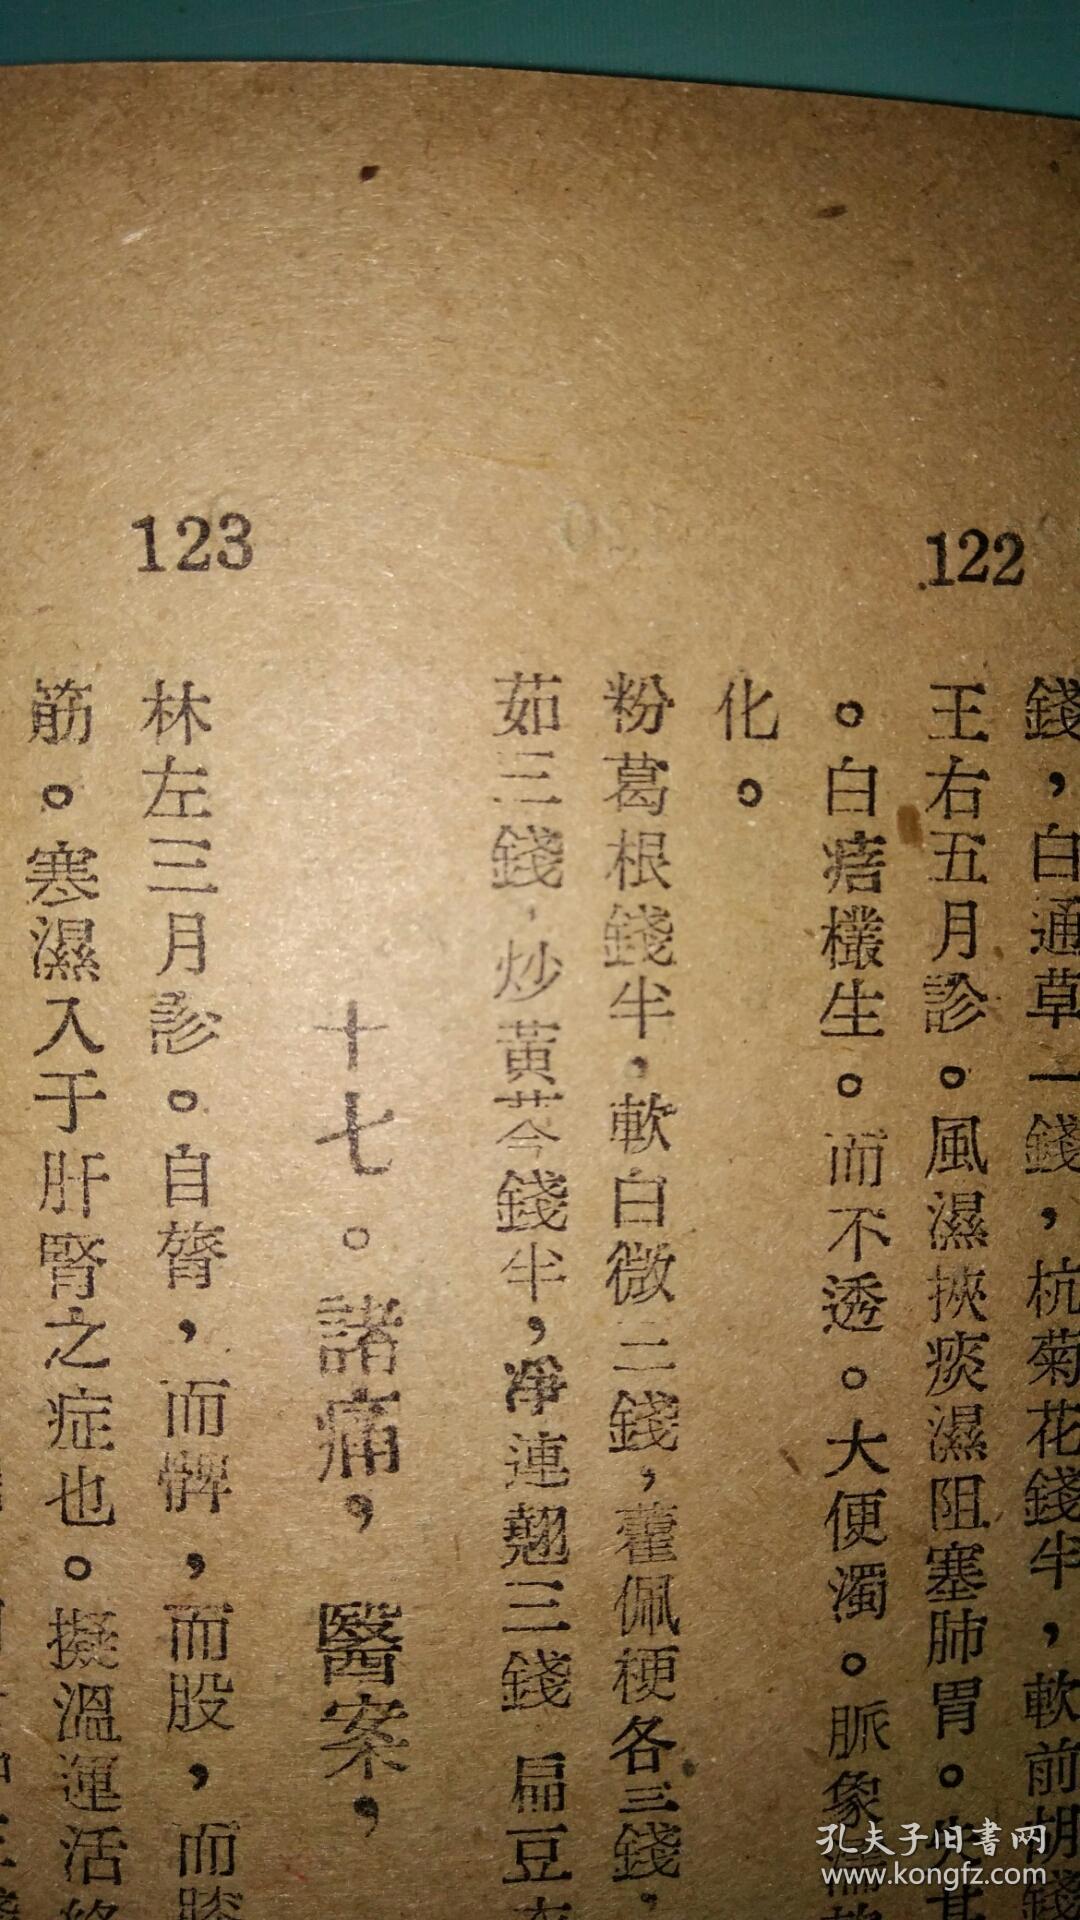 中国膏药方二冬膏,贝母二冬膏多少钱一瓶